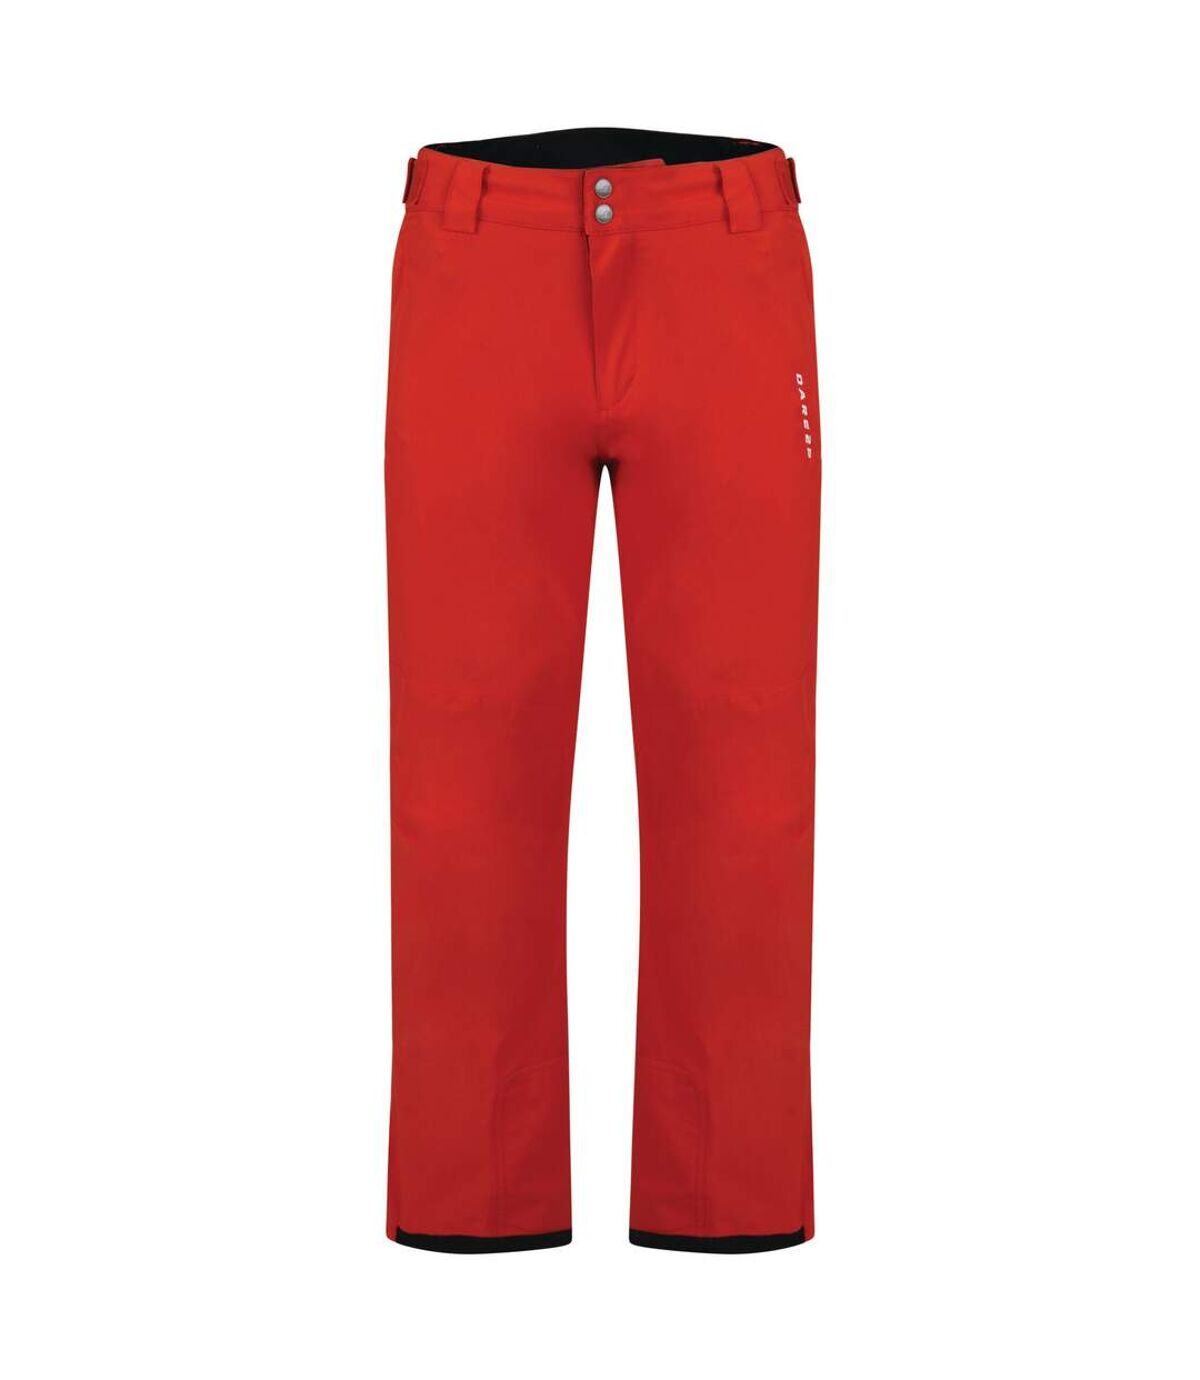 Dare 2B Mens Certify II Ski Pants (Code Red) - UTRG3928